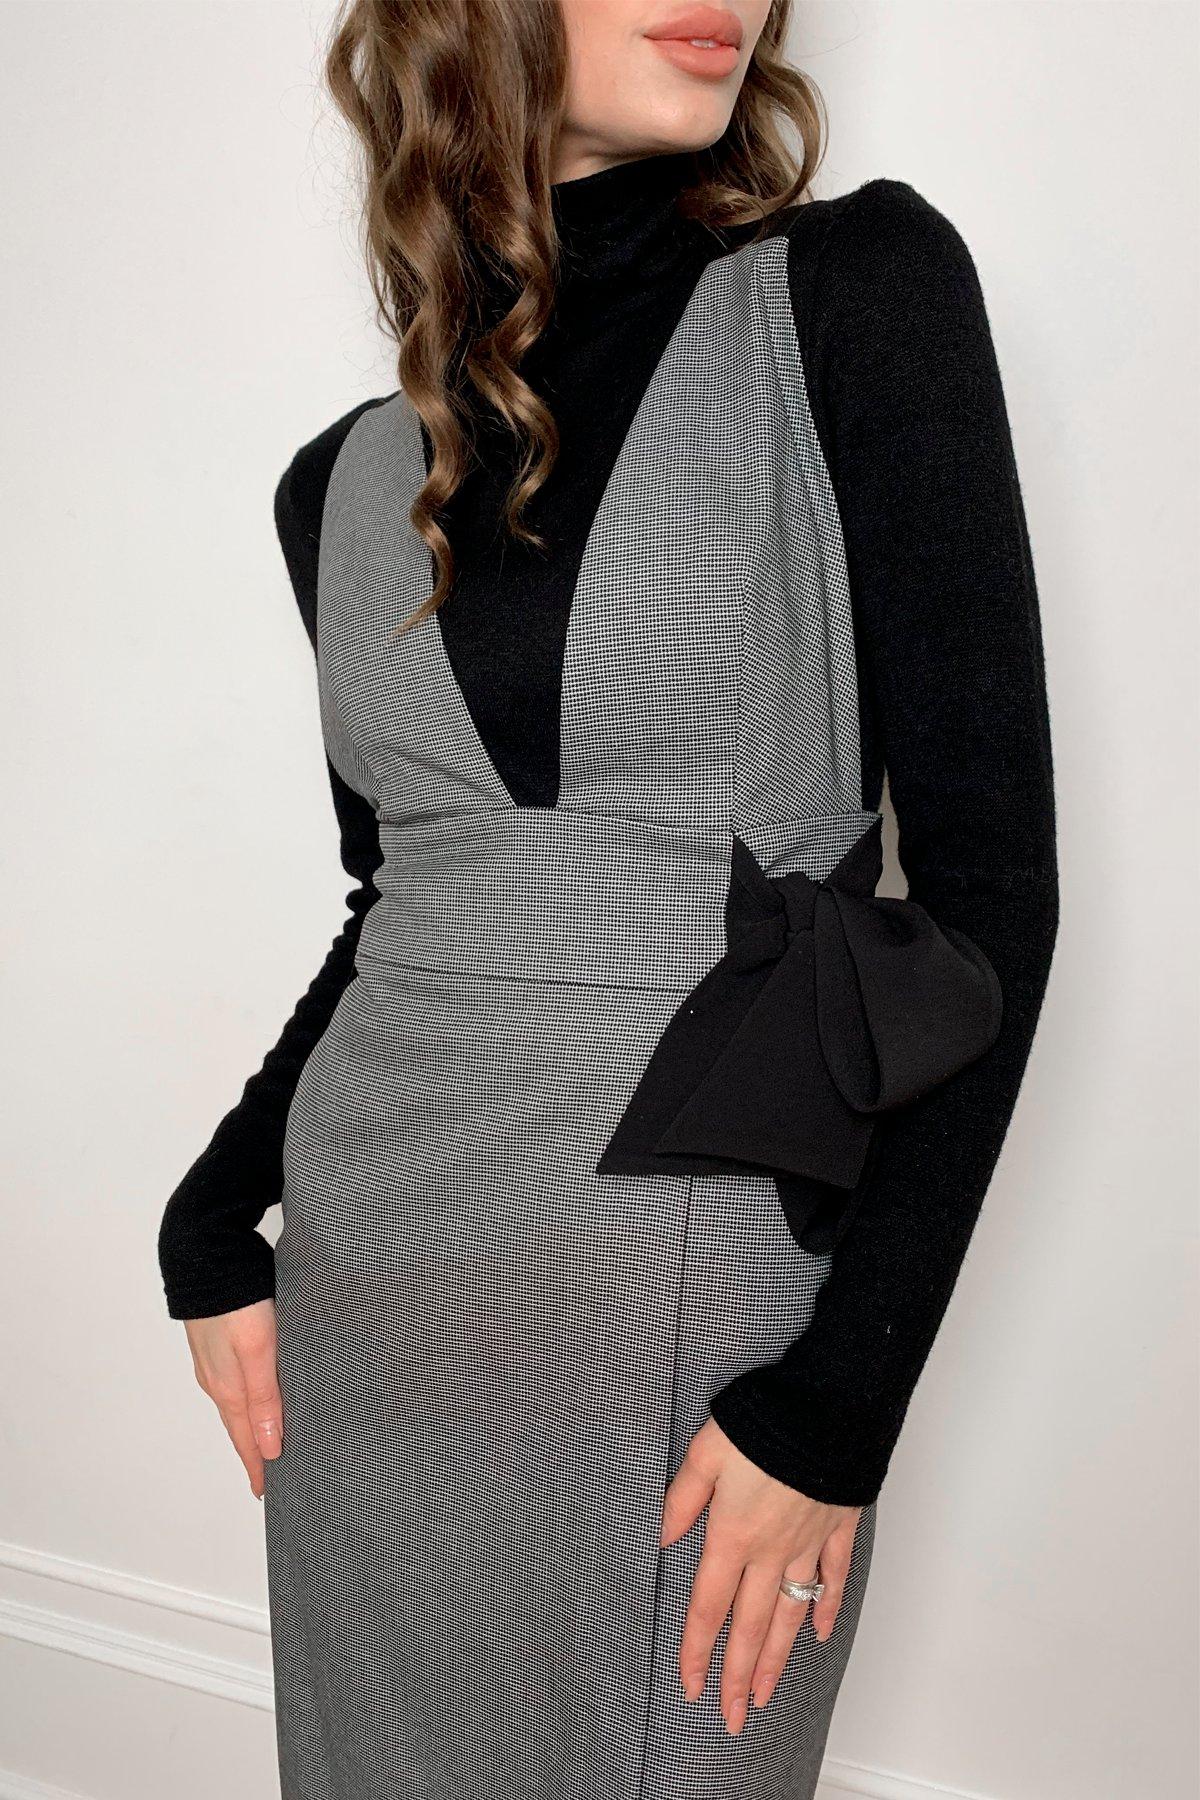 Фила платье костюмка принт стрейч платье 10026 АРТ. 46321 Цвет: Клетка мел черн/бел - фото 2, интернет магазин tm-modus.ru